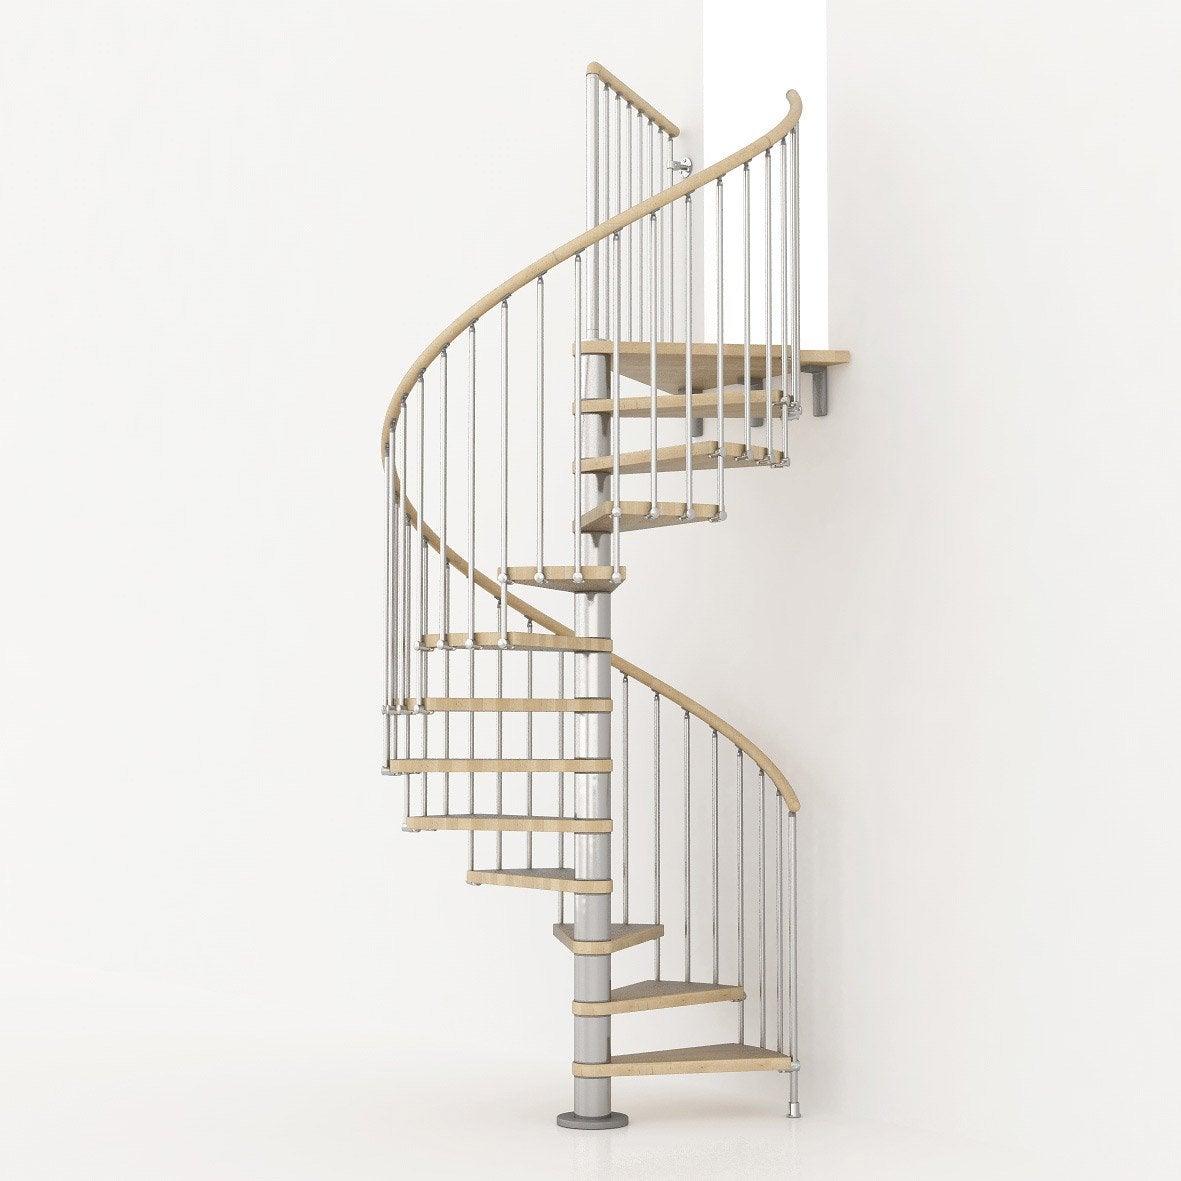 Bois Rond Leroy Merlin - Escalier colimaçon rond Ring structure métal marche bois Leroy Merlin